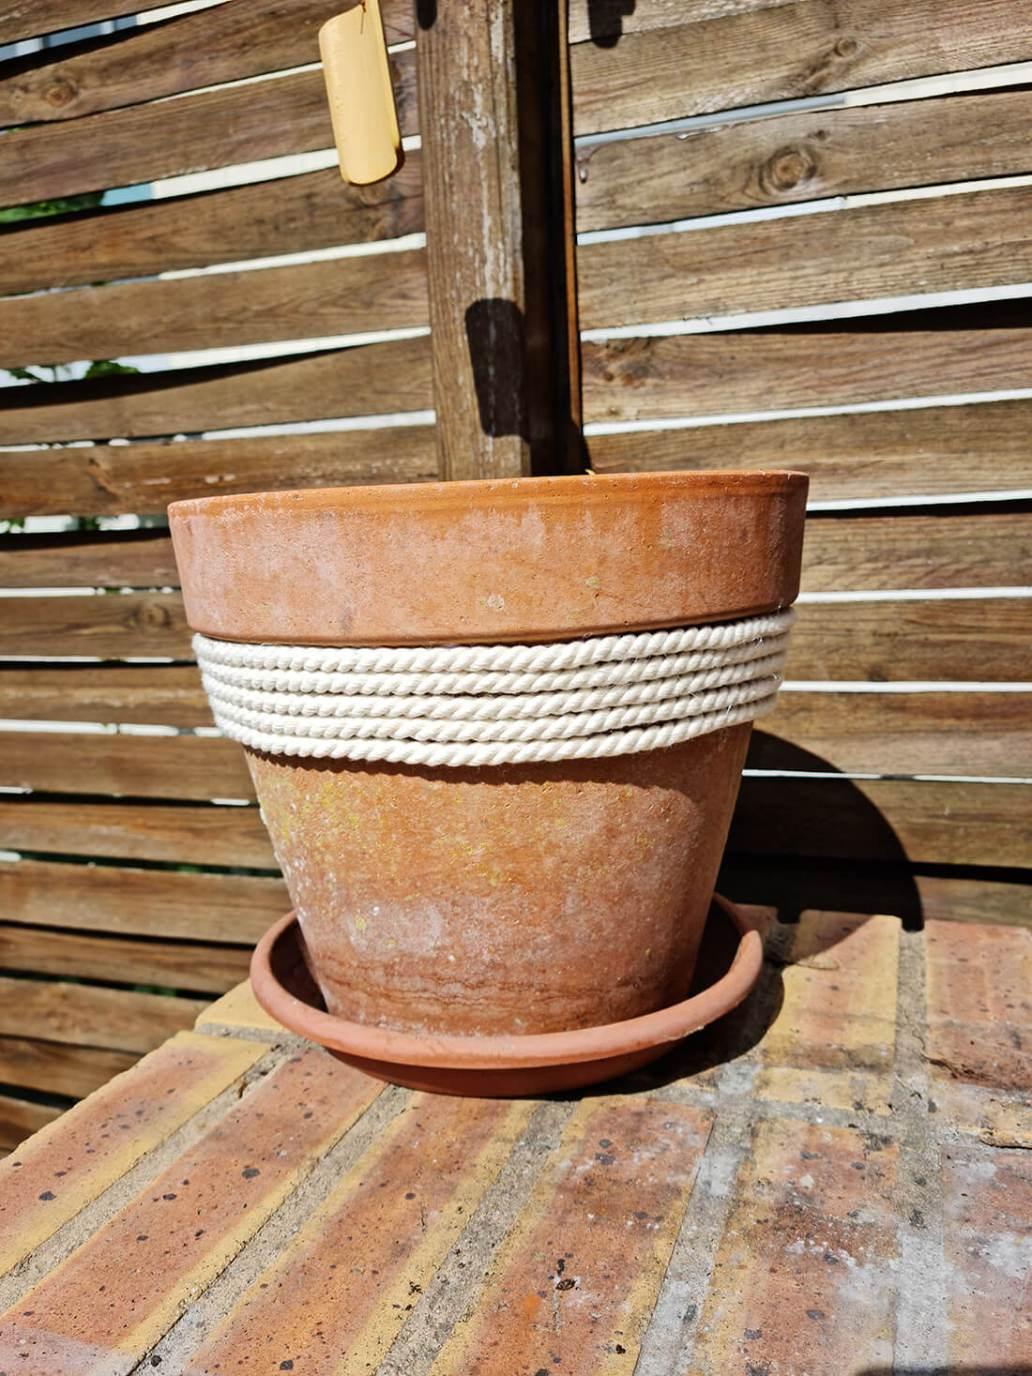 20210612 171756 - DIY jardin : ajouter de la douceur sur un pot de fleurs avec une corde